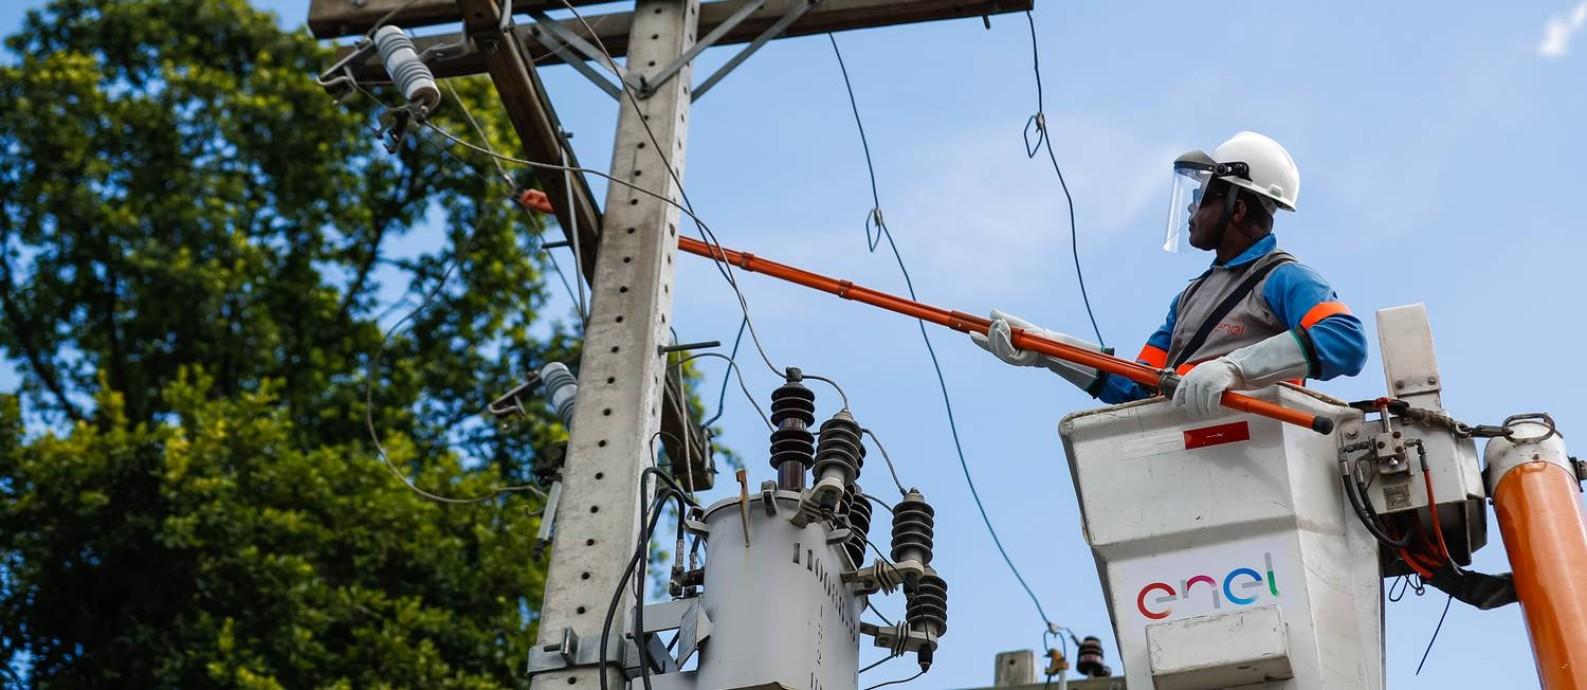 Enel investiu R$ 1,6 bilhão na modernização da rede para garantir fornecimento de energia em época de pico de consumo, como o verão Foto: Divulgação